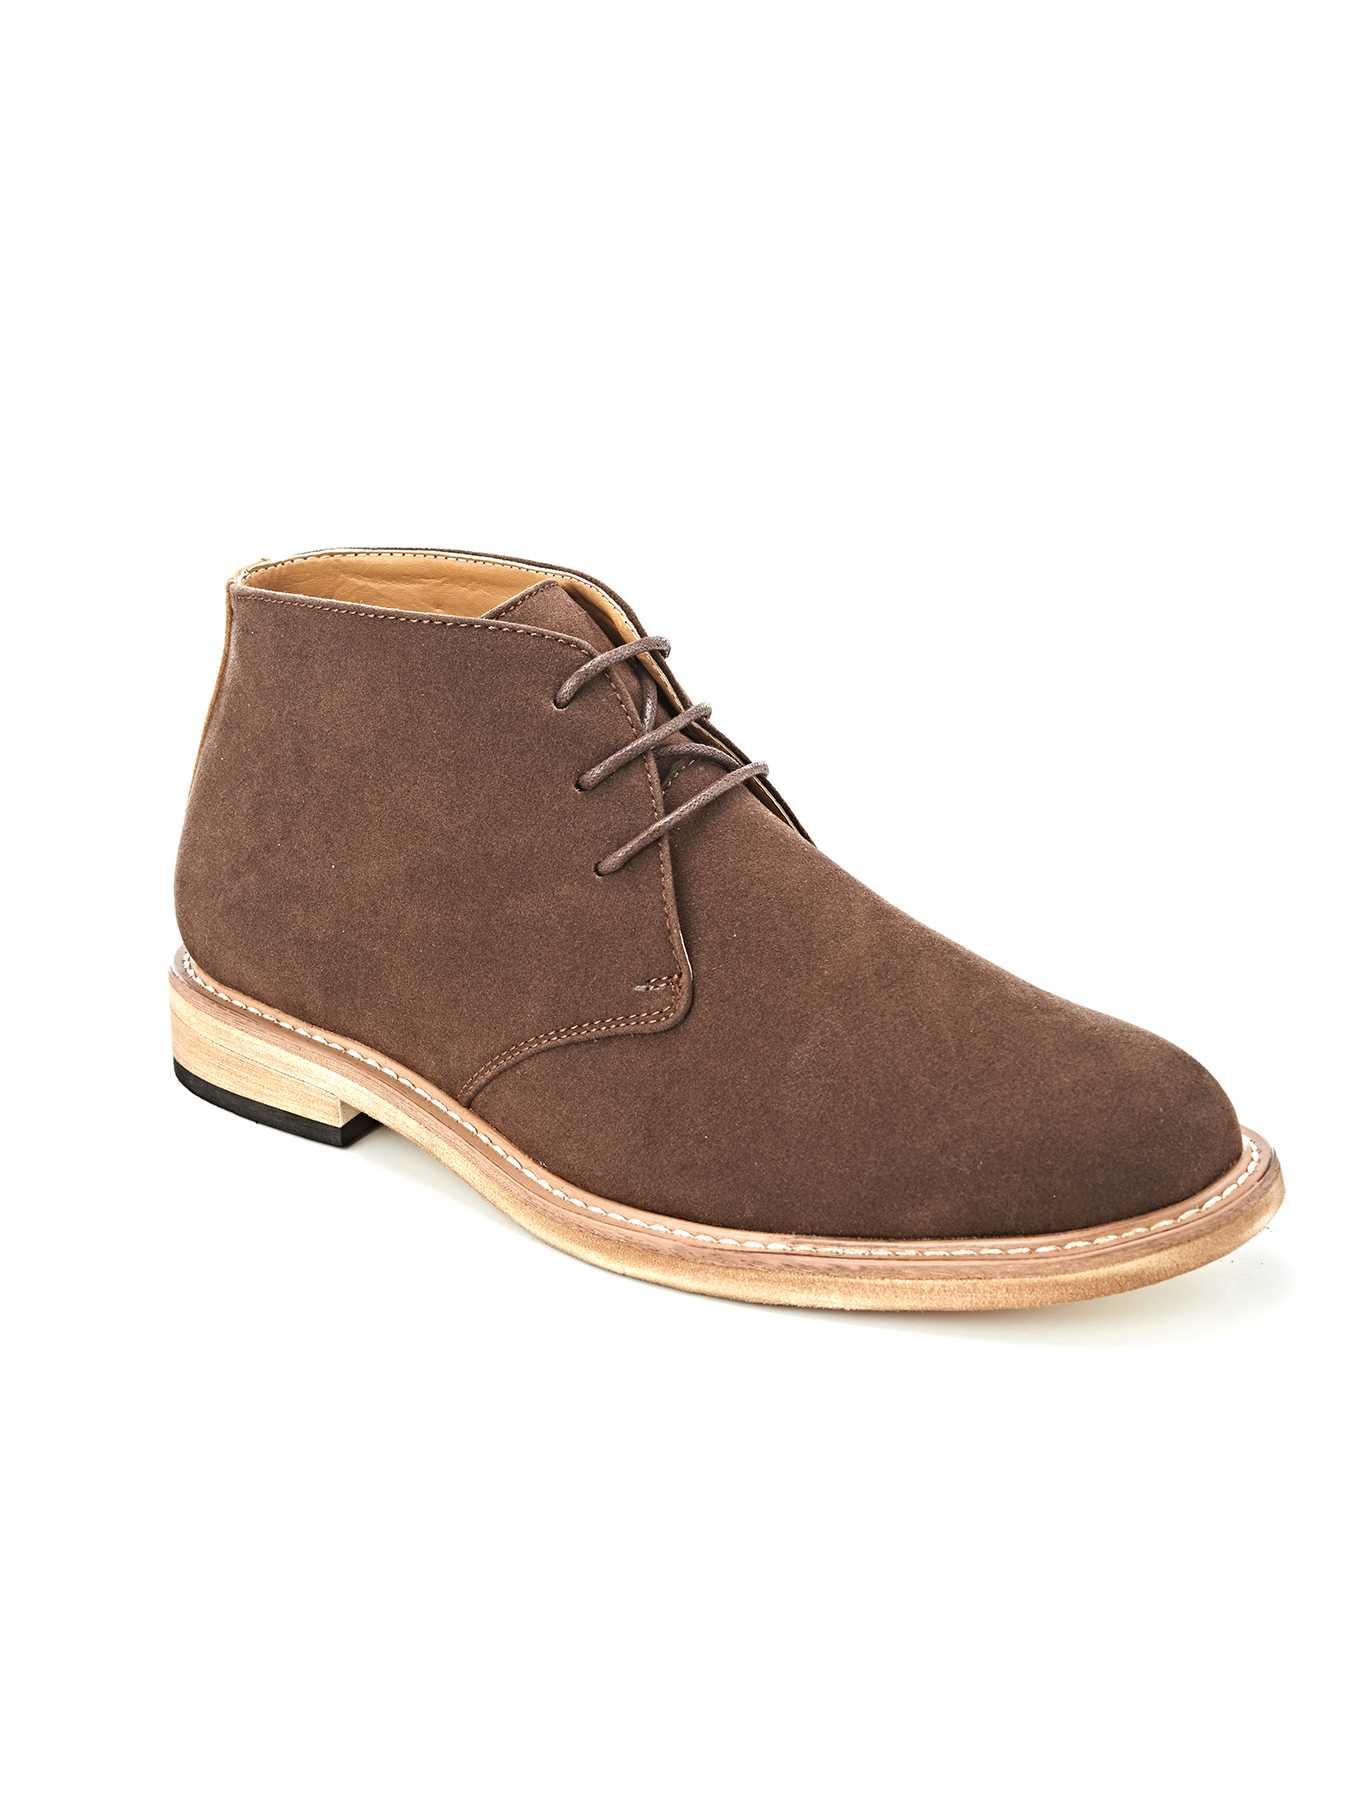 Ryan Portfolio Dress Shoe